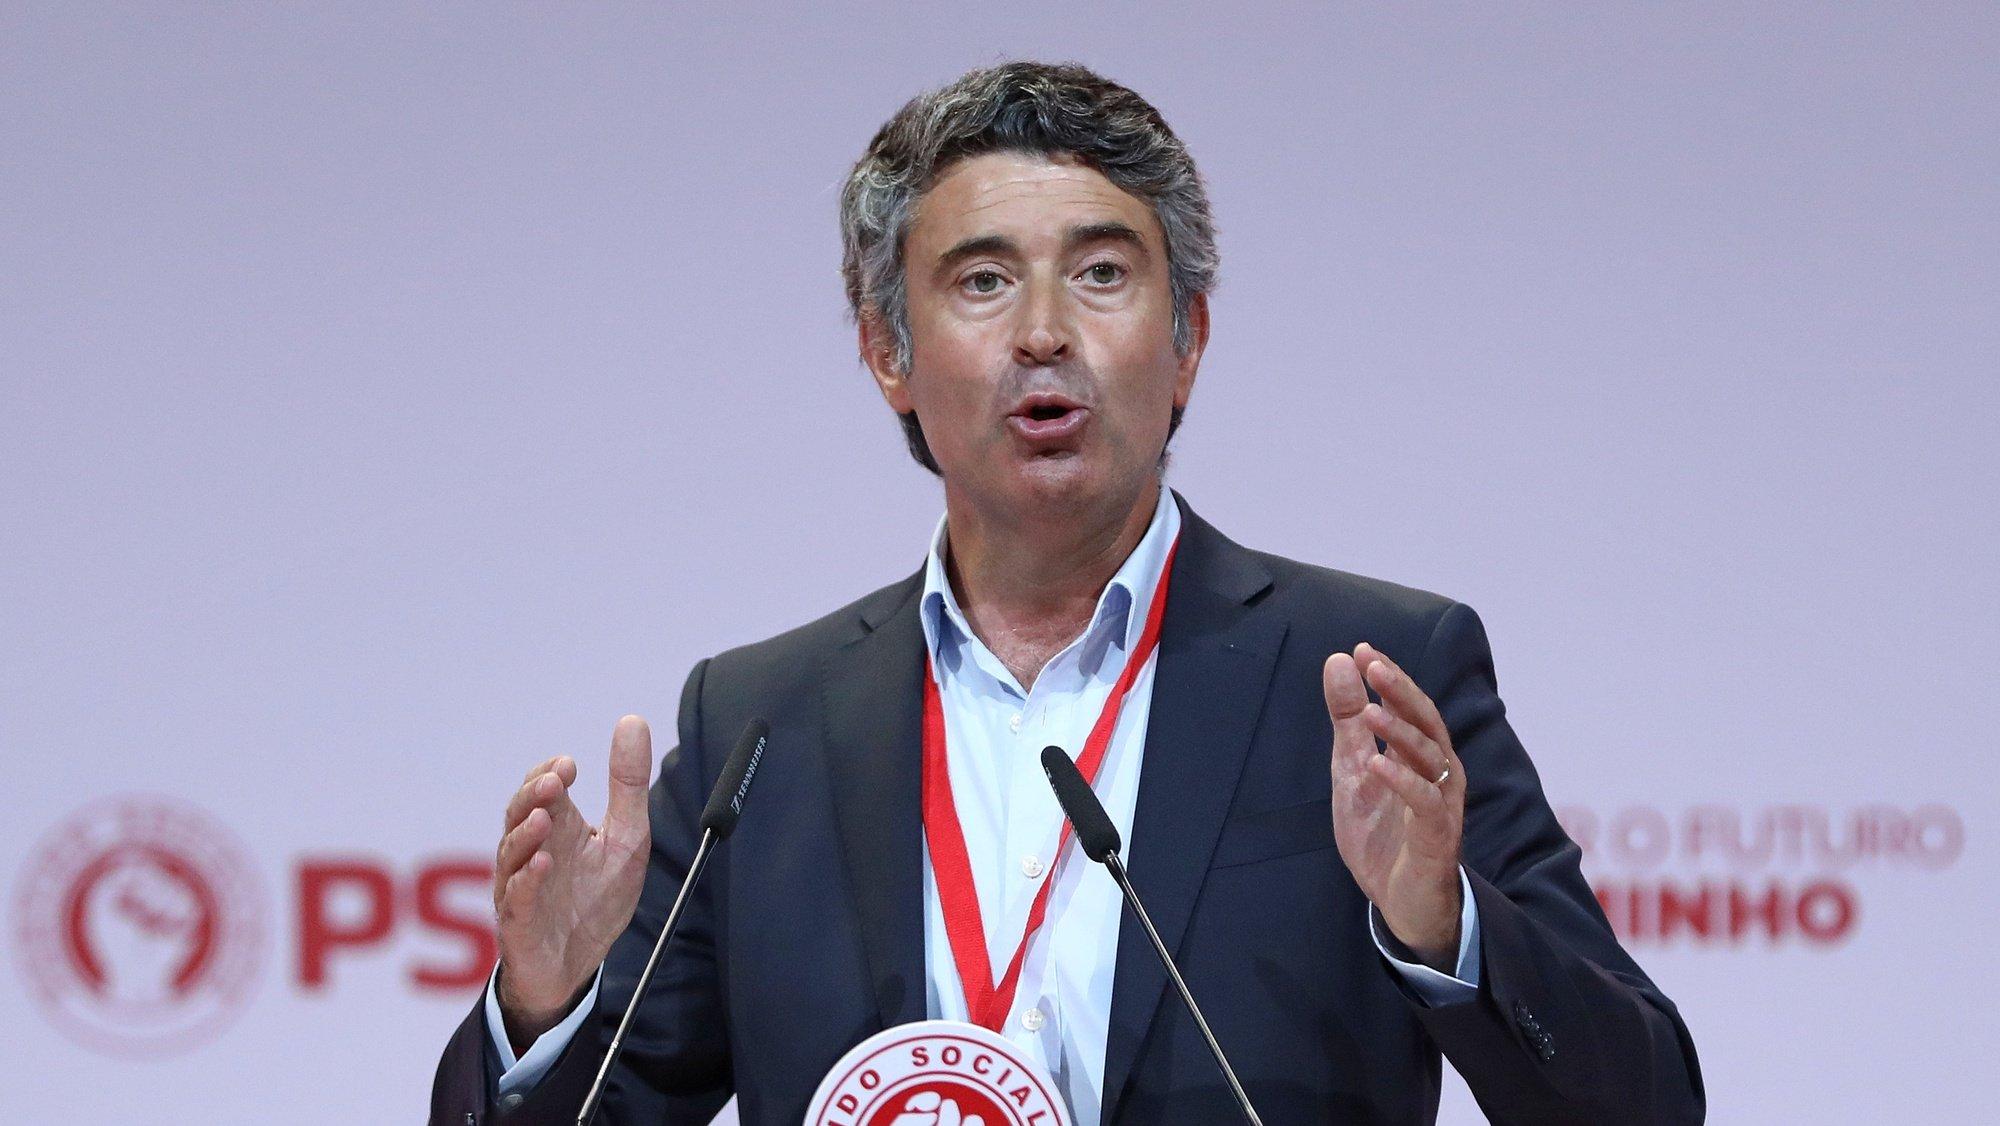 O secretário-geral adjunto do Partido Socialista (PS), José Luis Carneiro, intervém durante o XXIII Congresso Nacional do Partido Socialista (PS), em Portimão, 28 de agosto de 2021. ANTÓNIO PEDRO SANTOS/LUSA